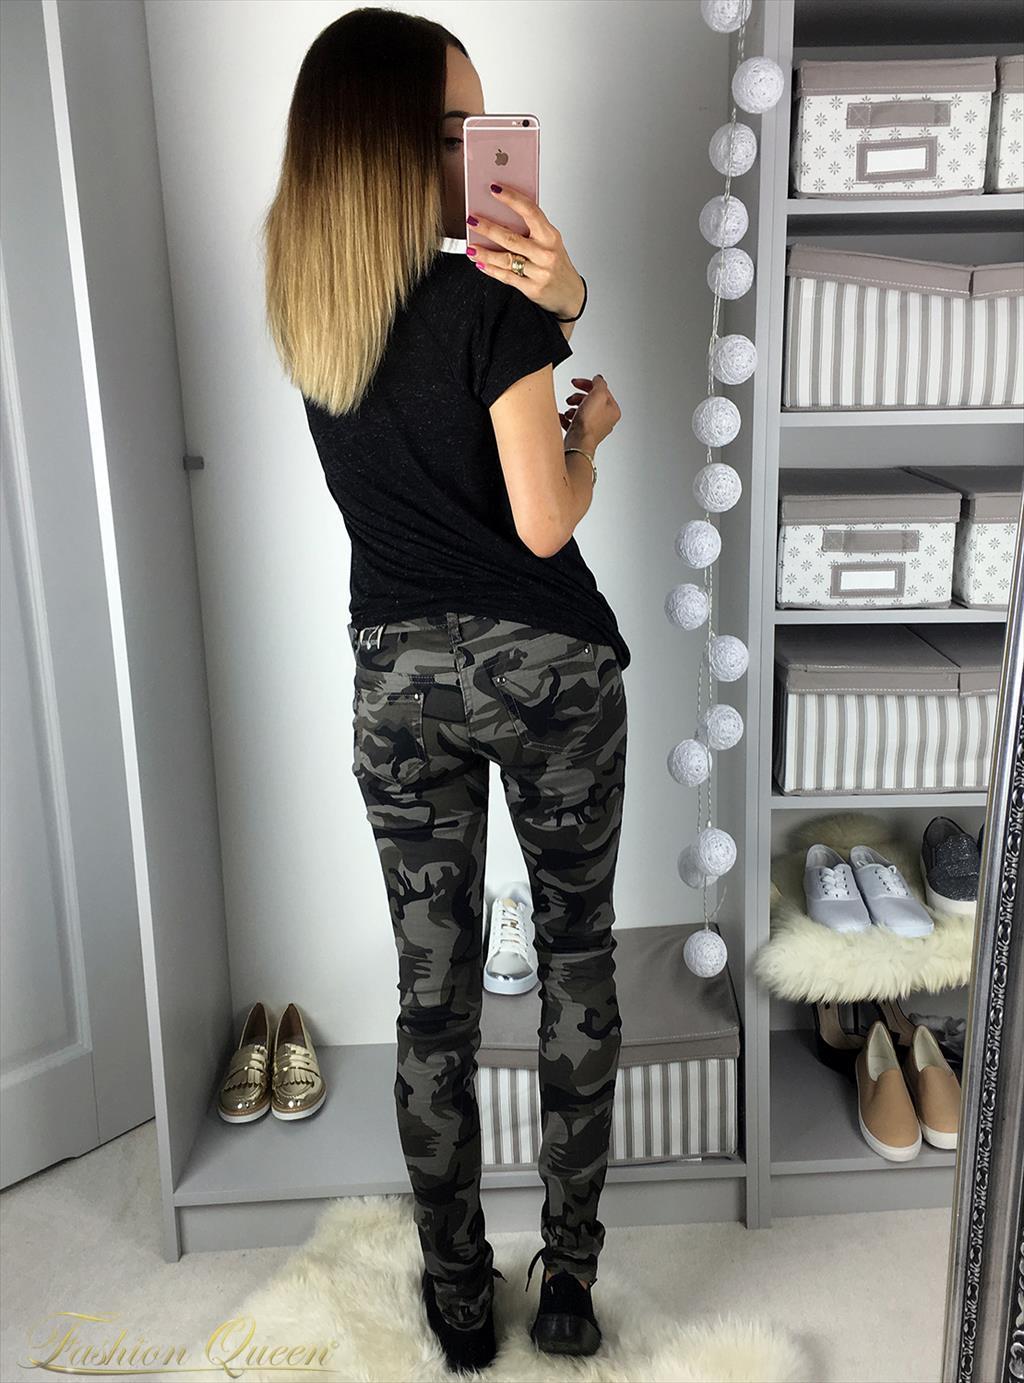 59420eaadaef Fashion Queen - Dámske oblečenie a móda - Maskáčové nohavice